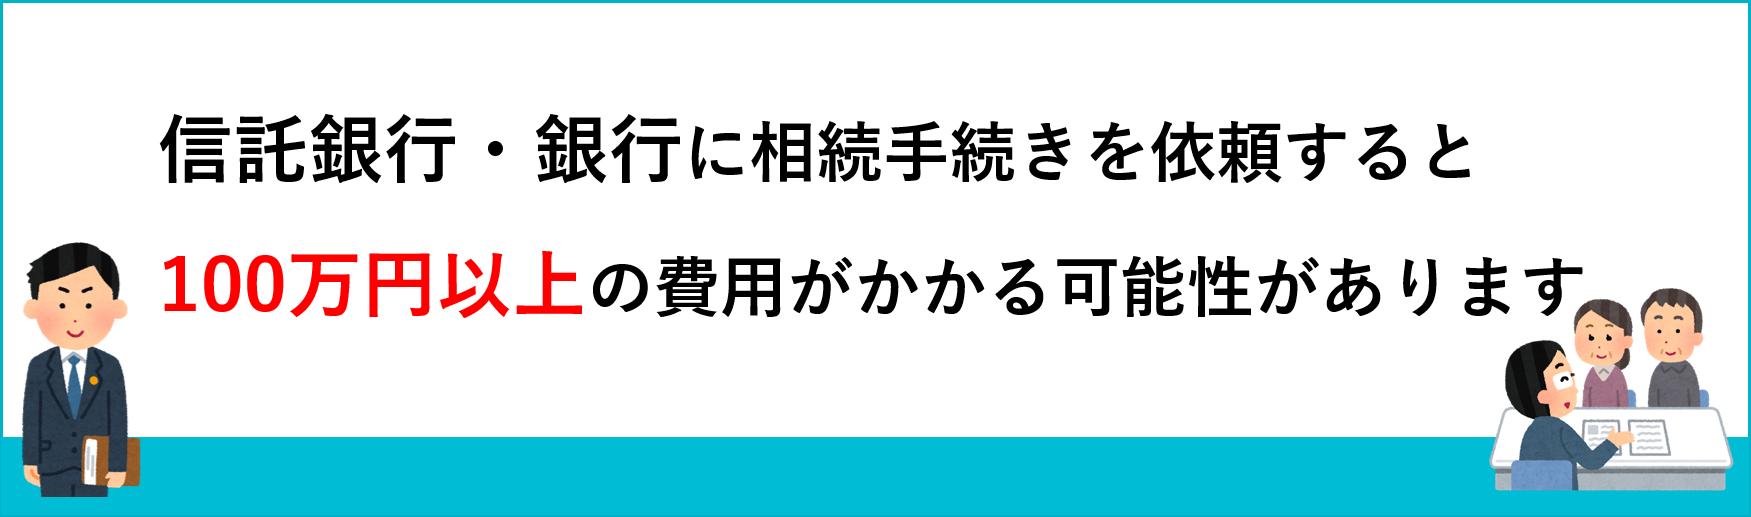 豊和 銀行 上野 支店